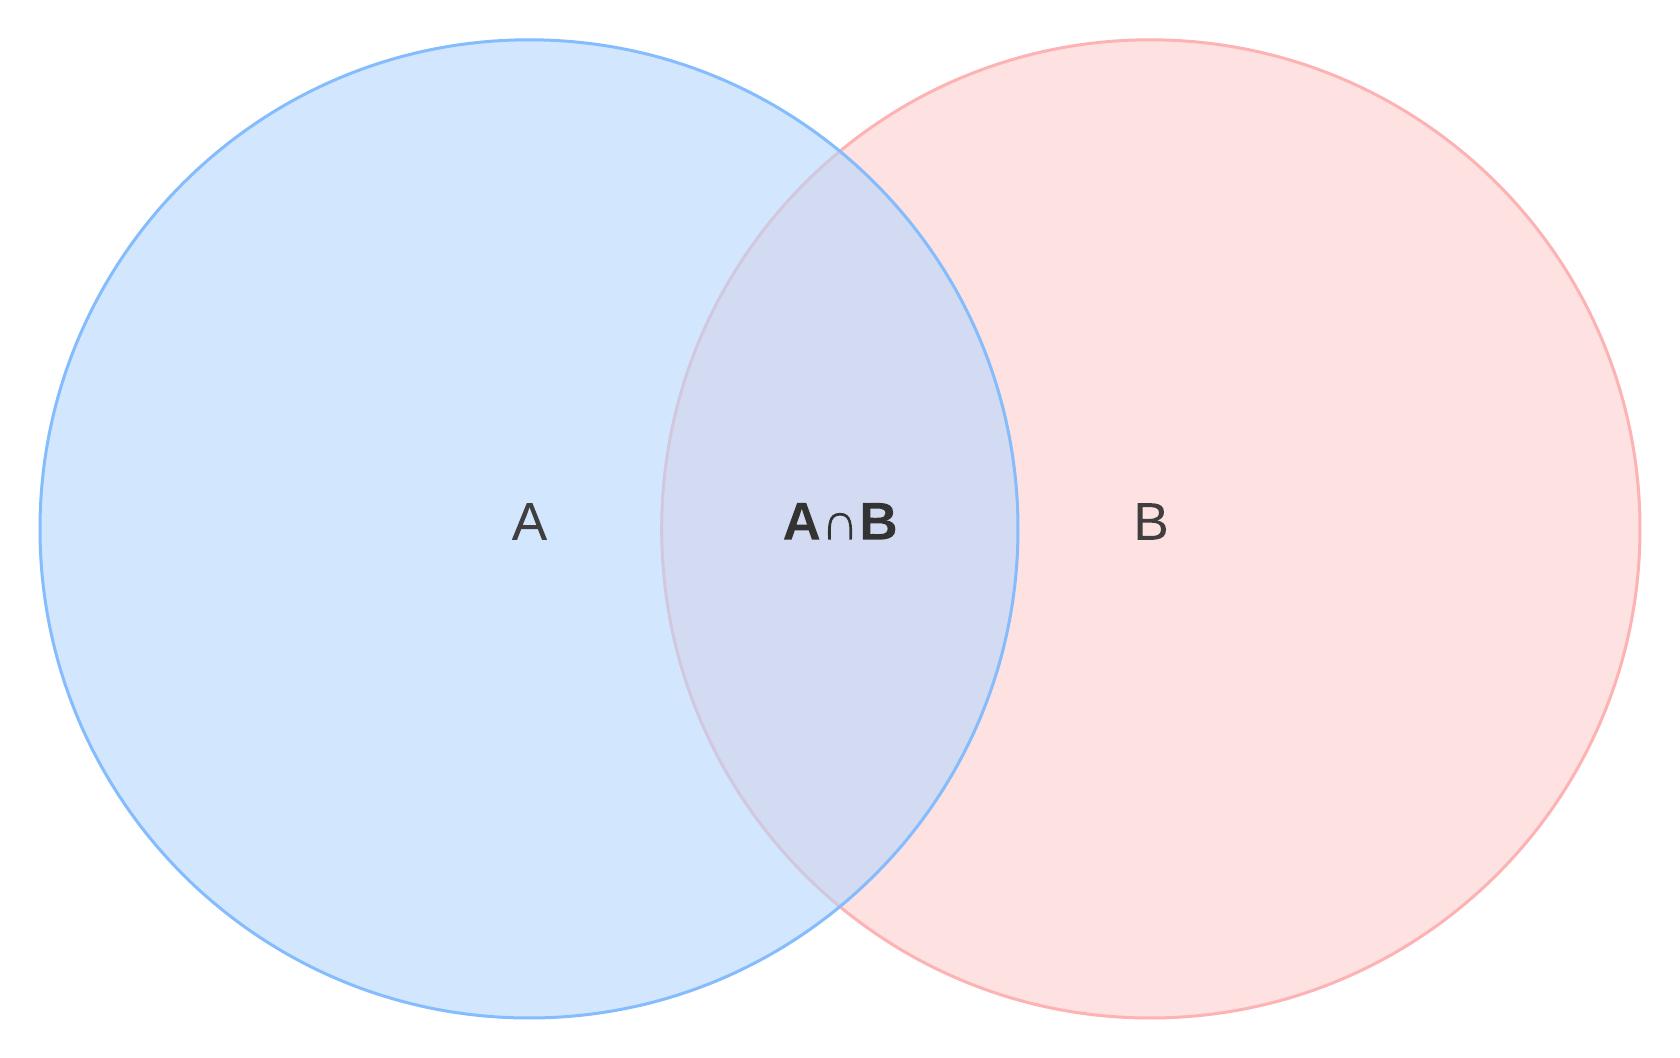 2つの集合の共通部分のベン図